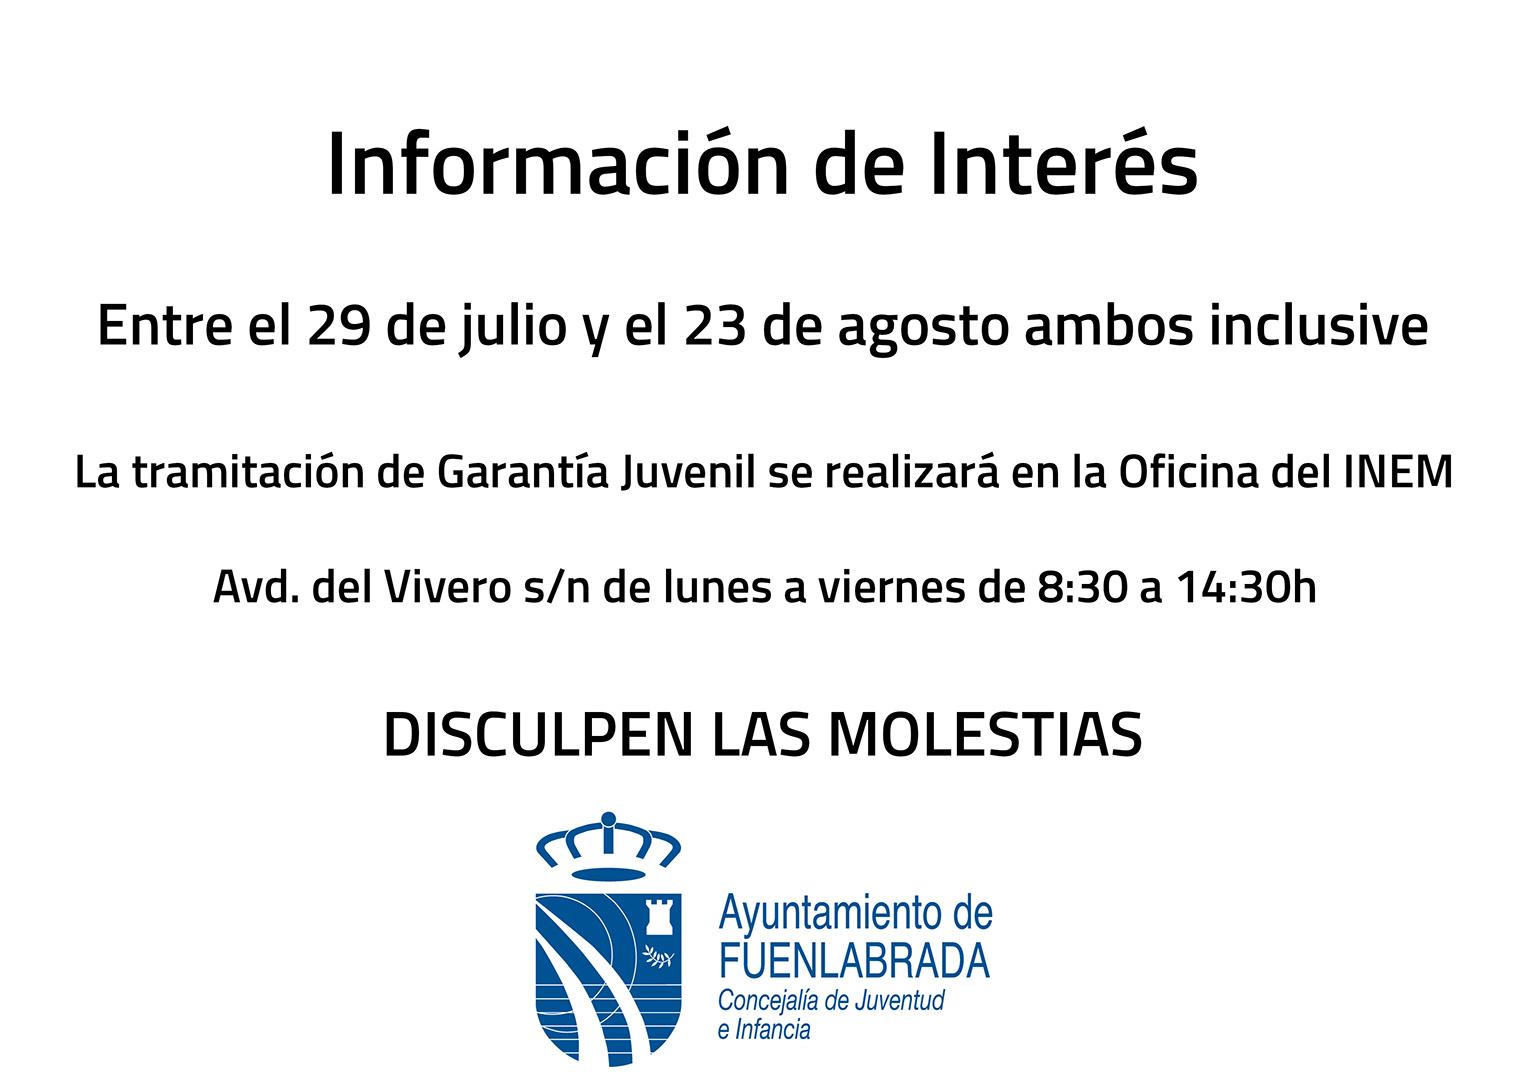 Calendario Laboral Fuenlabrada 2019.Verano 2019 Consulta Toda La Informacion Sobre Campamentos Y